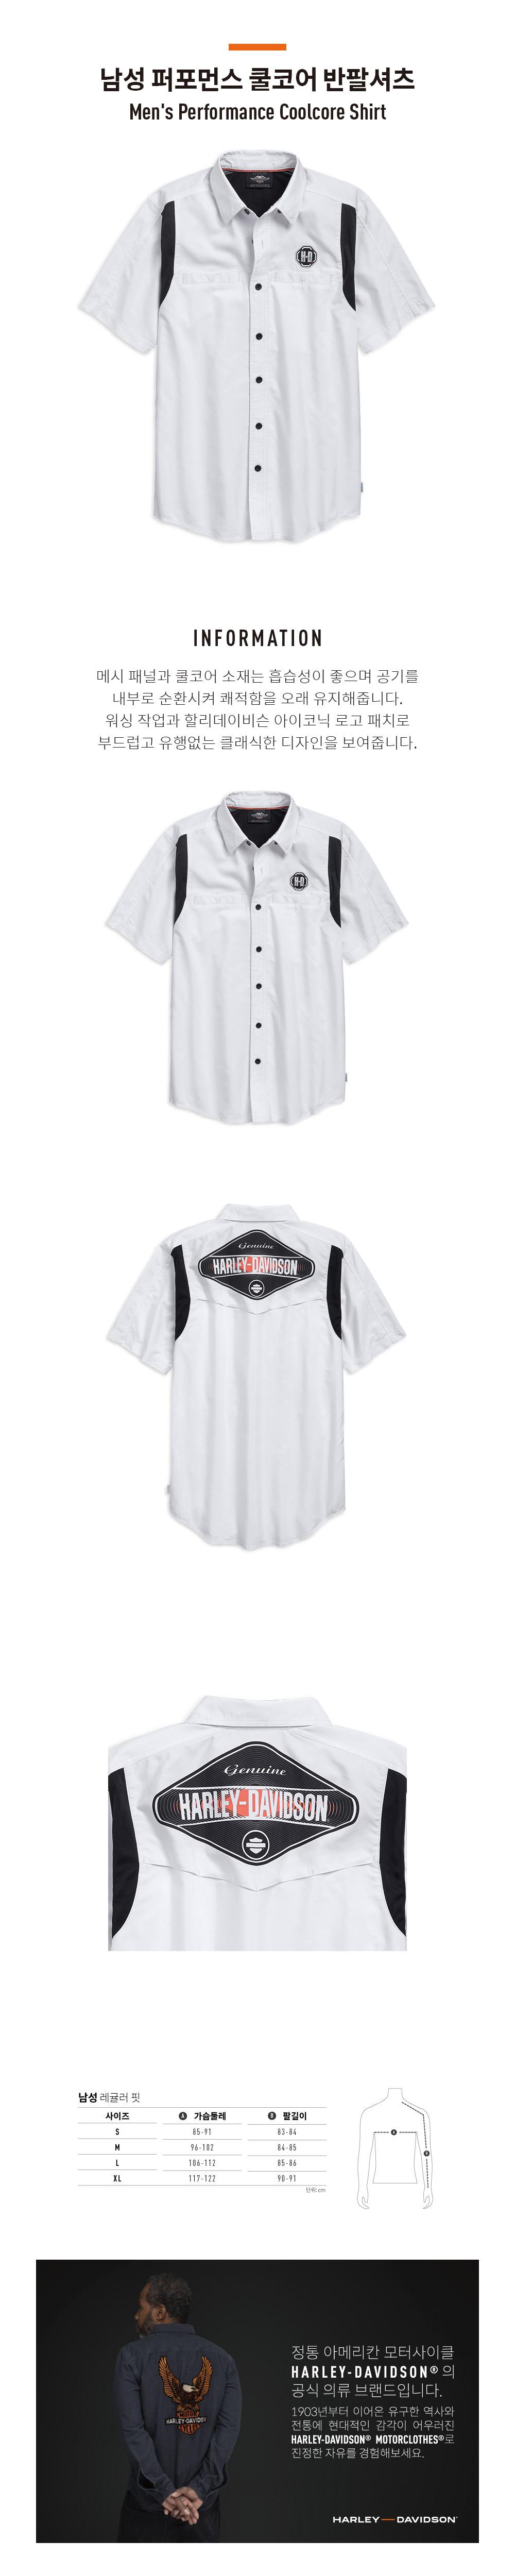 남성 퍼포먼스 쿨코어 반팔셔츠